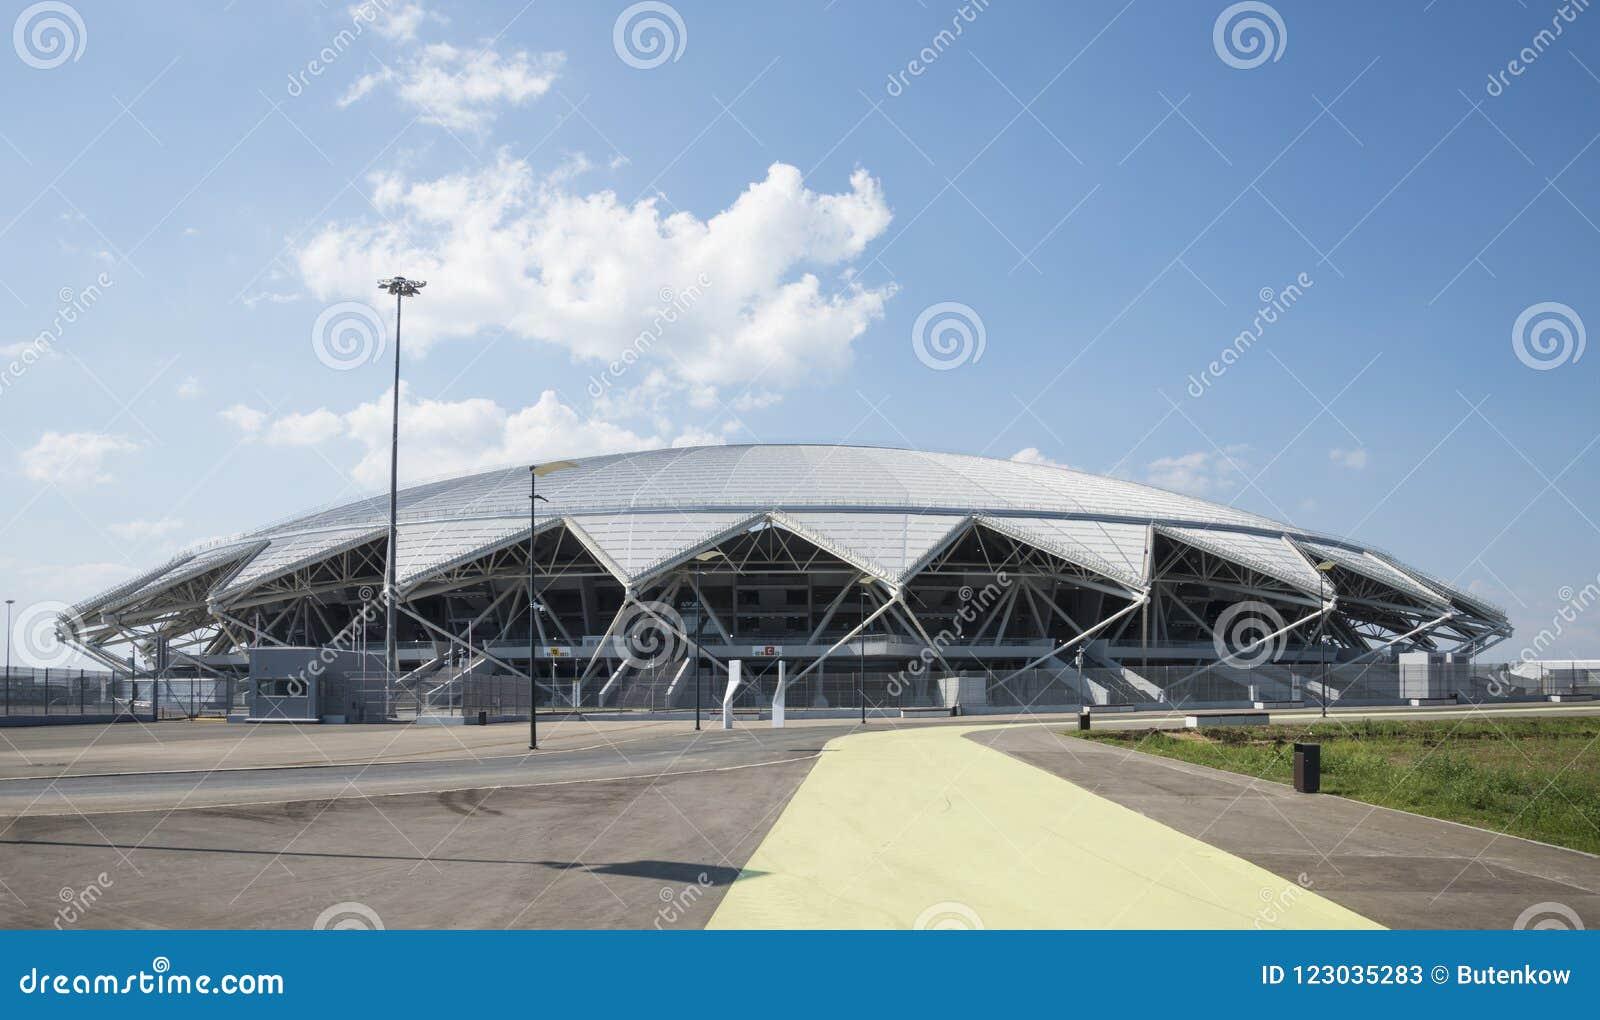 Estádio de futebol de Samara Arena Samara - a cidade que hospeda o campeonato do mundo de FIFA em Rússia em 2018